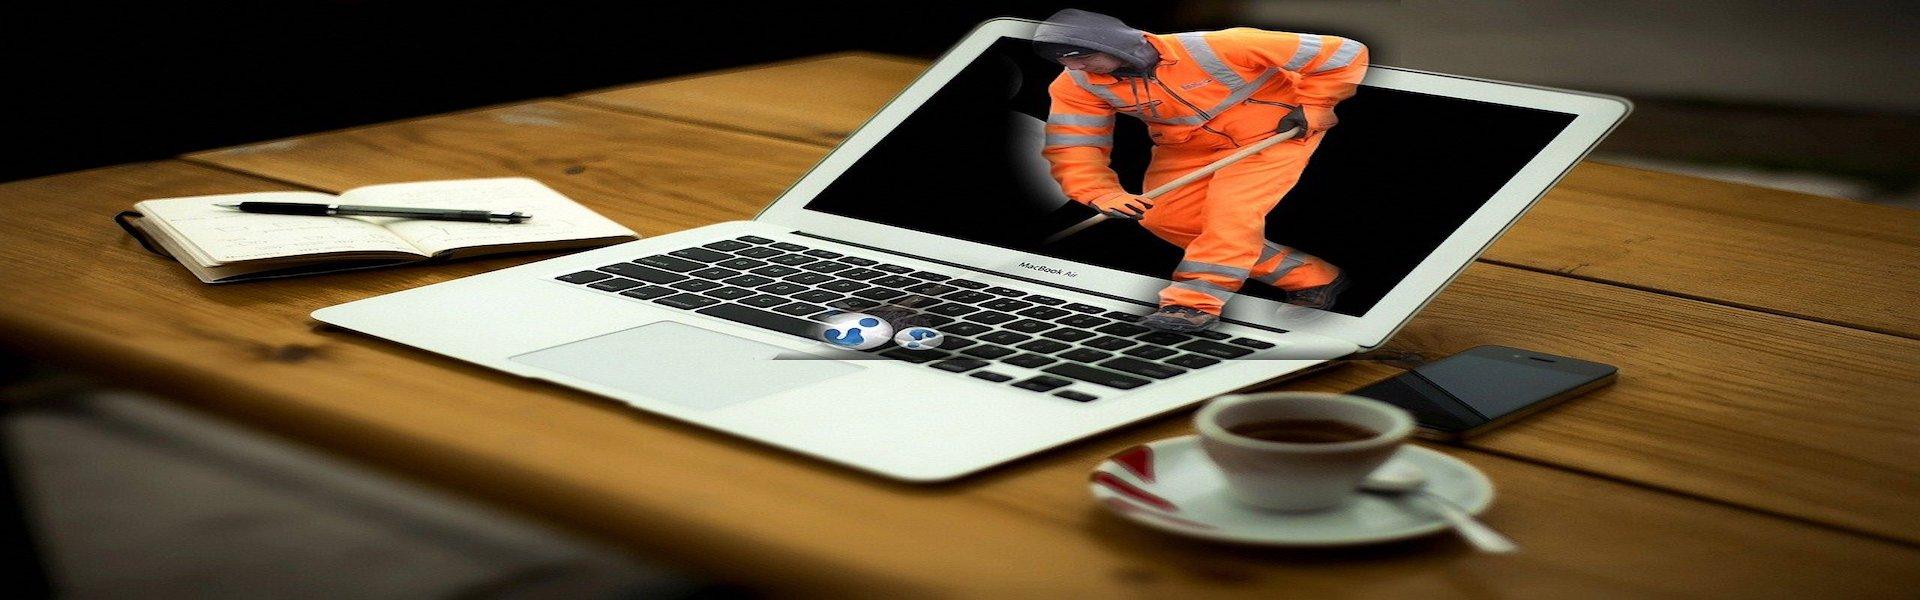 Arbeitsschutz und Arbeitsicherheit im Home Office